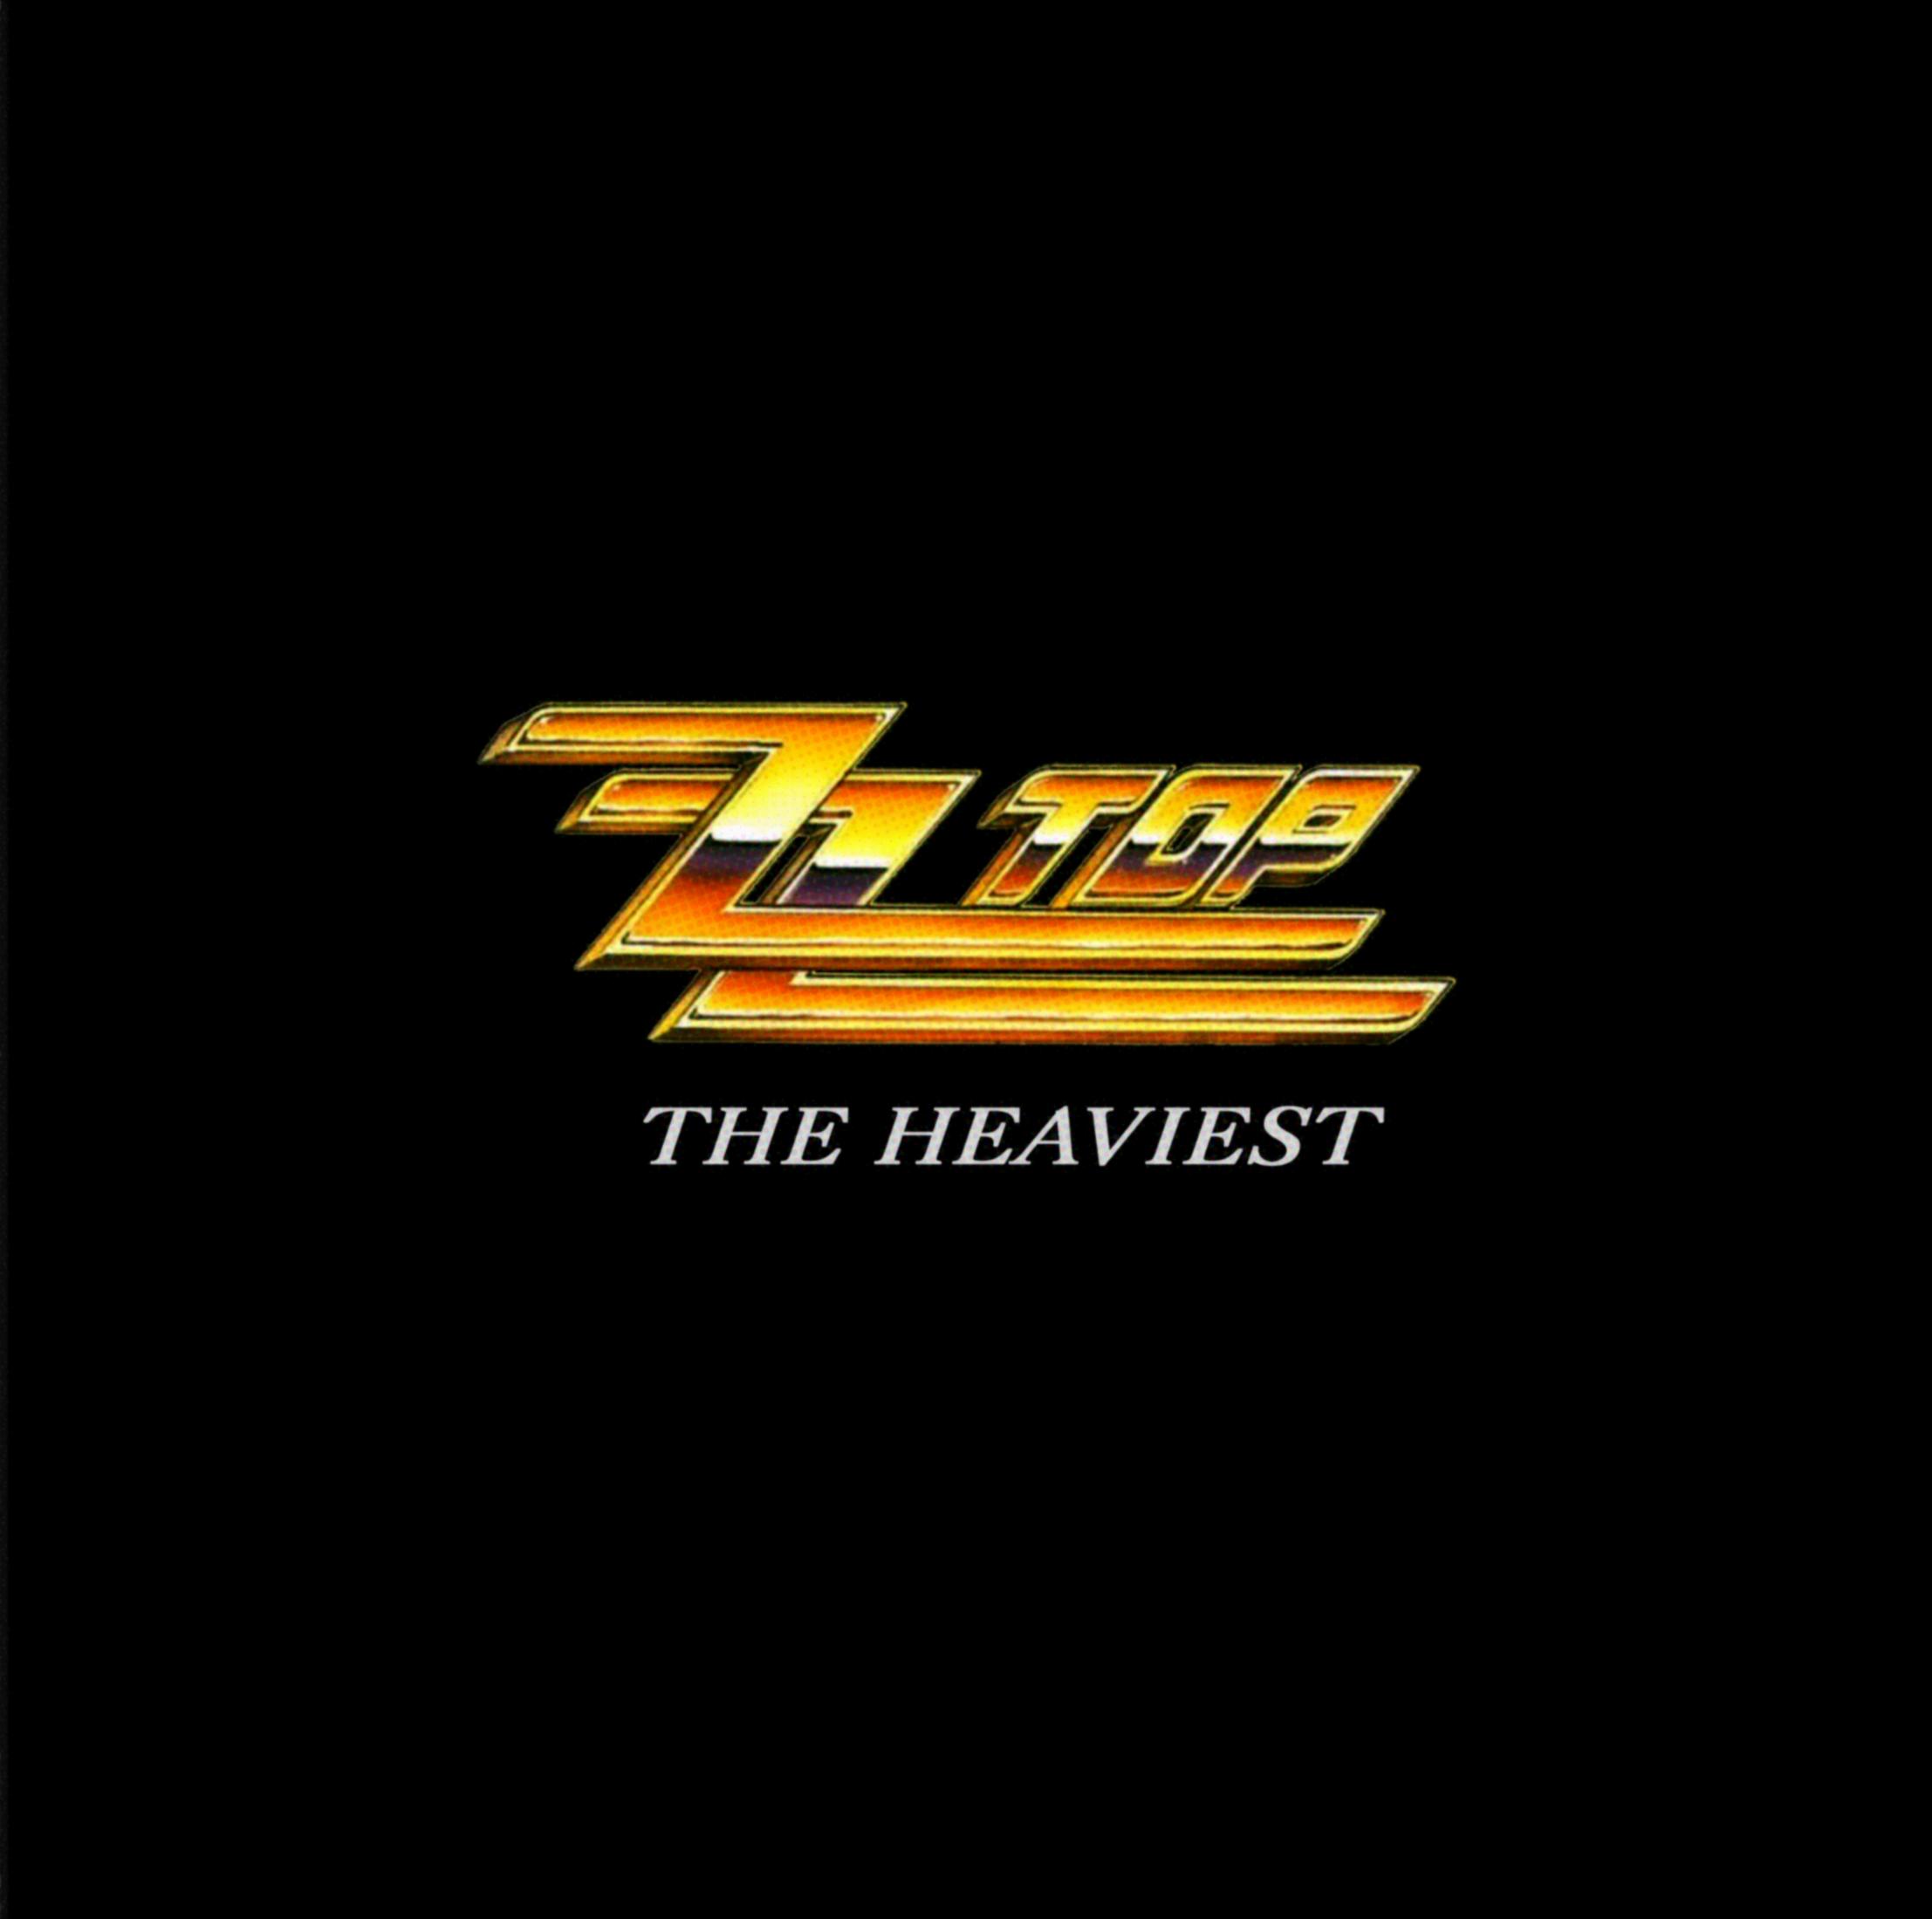 Zz Top The Heaviest 2015 Heavy Metal Albums Zz Top